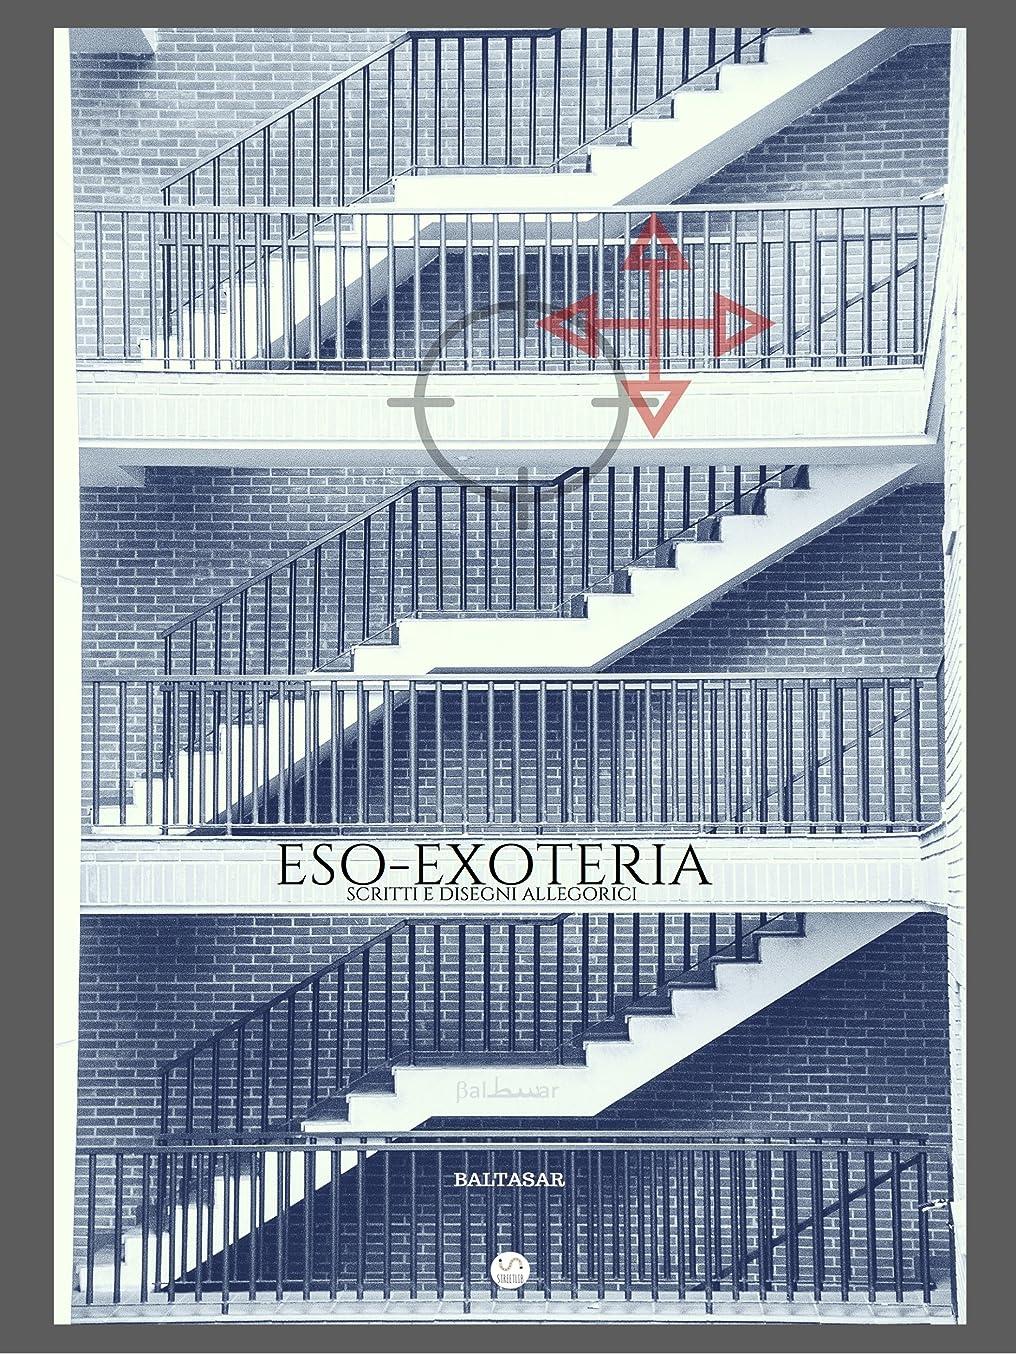 通貨有能な申し立てるESO-EXOTERIA (scritti e disegni allegorici) (Italian Edition)